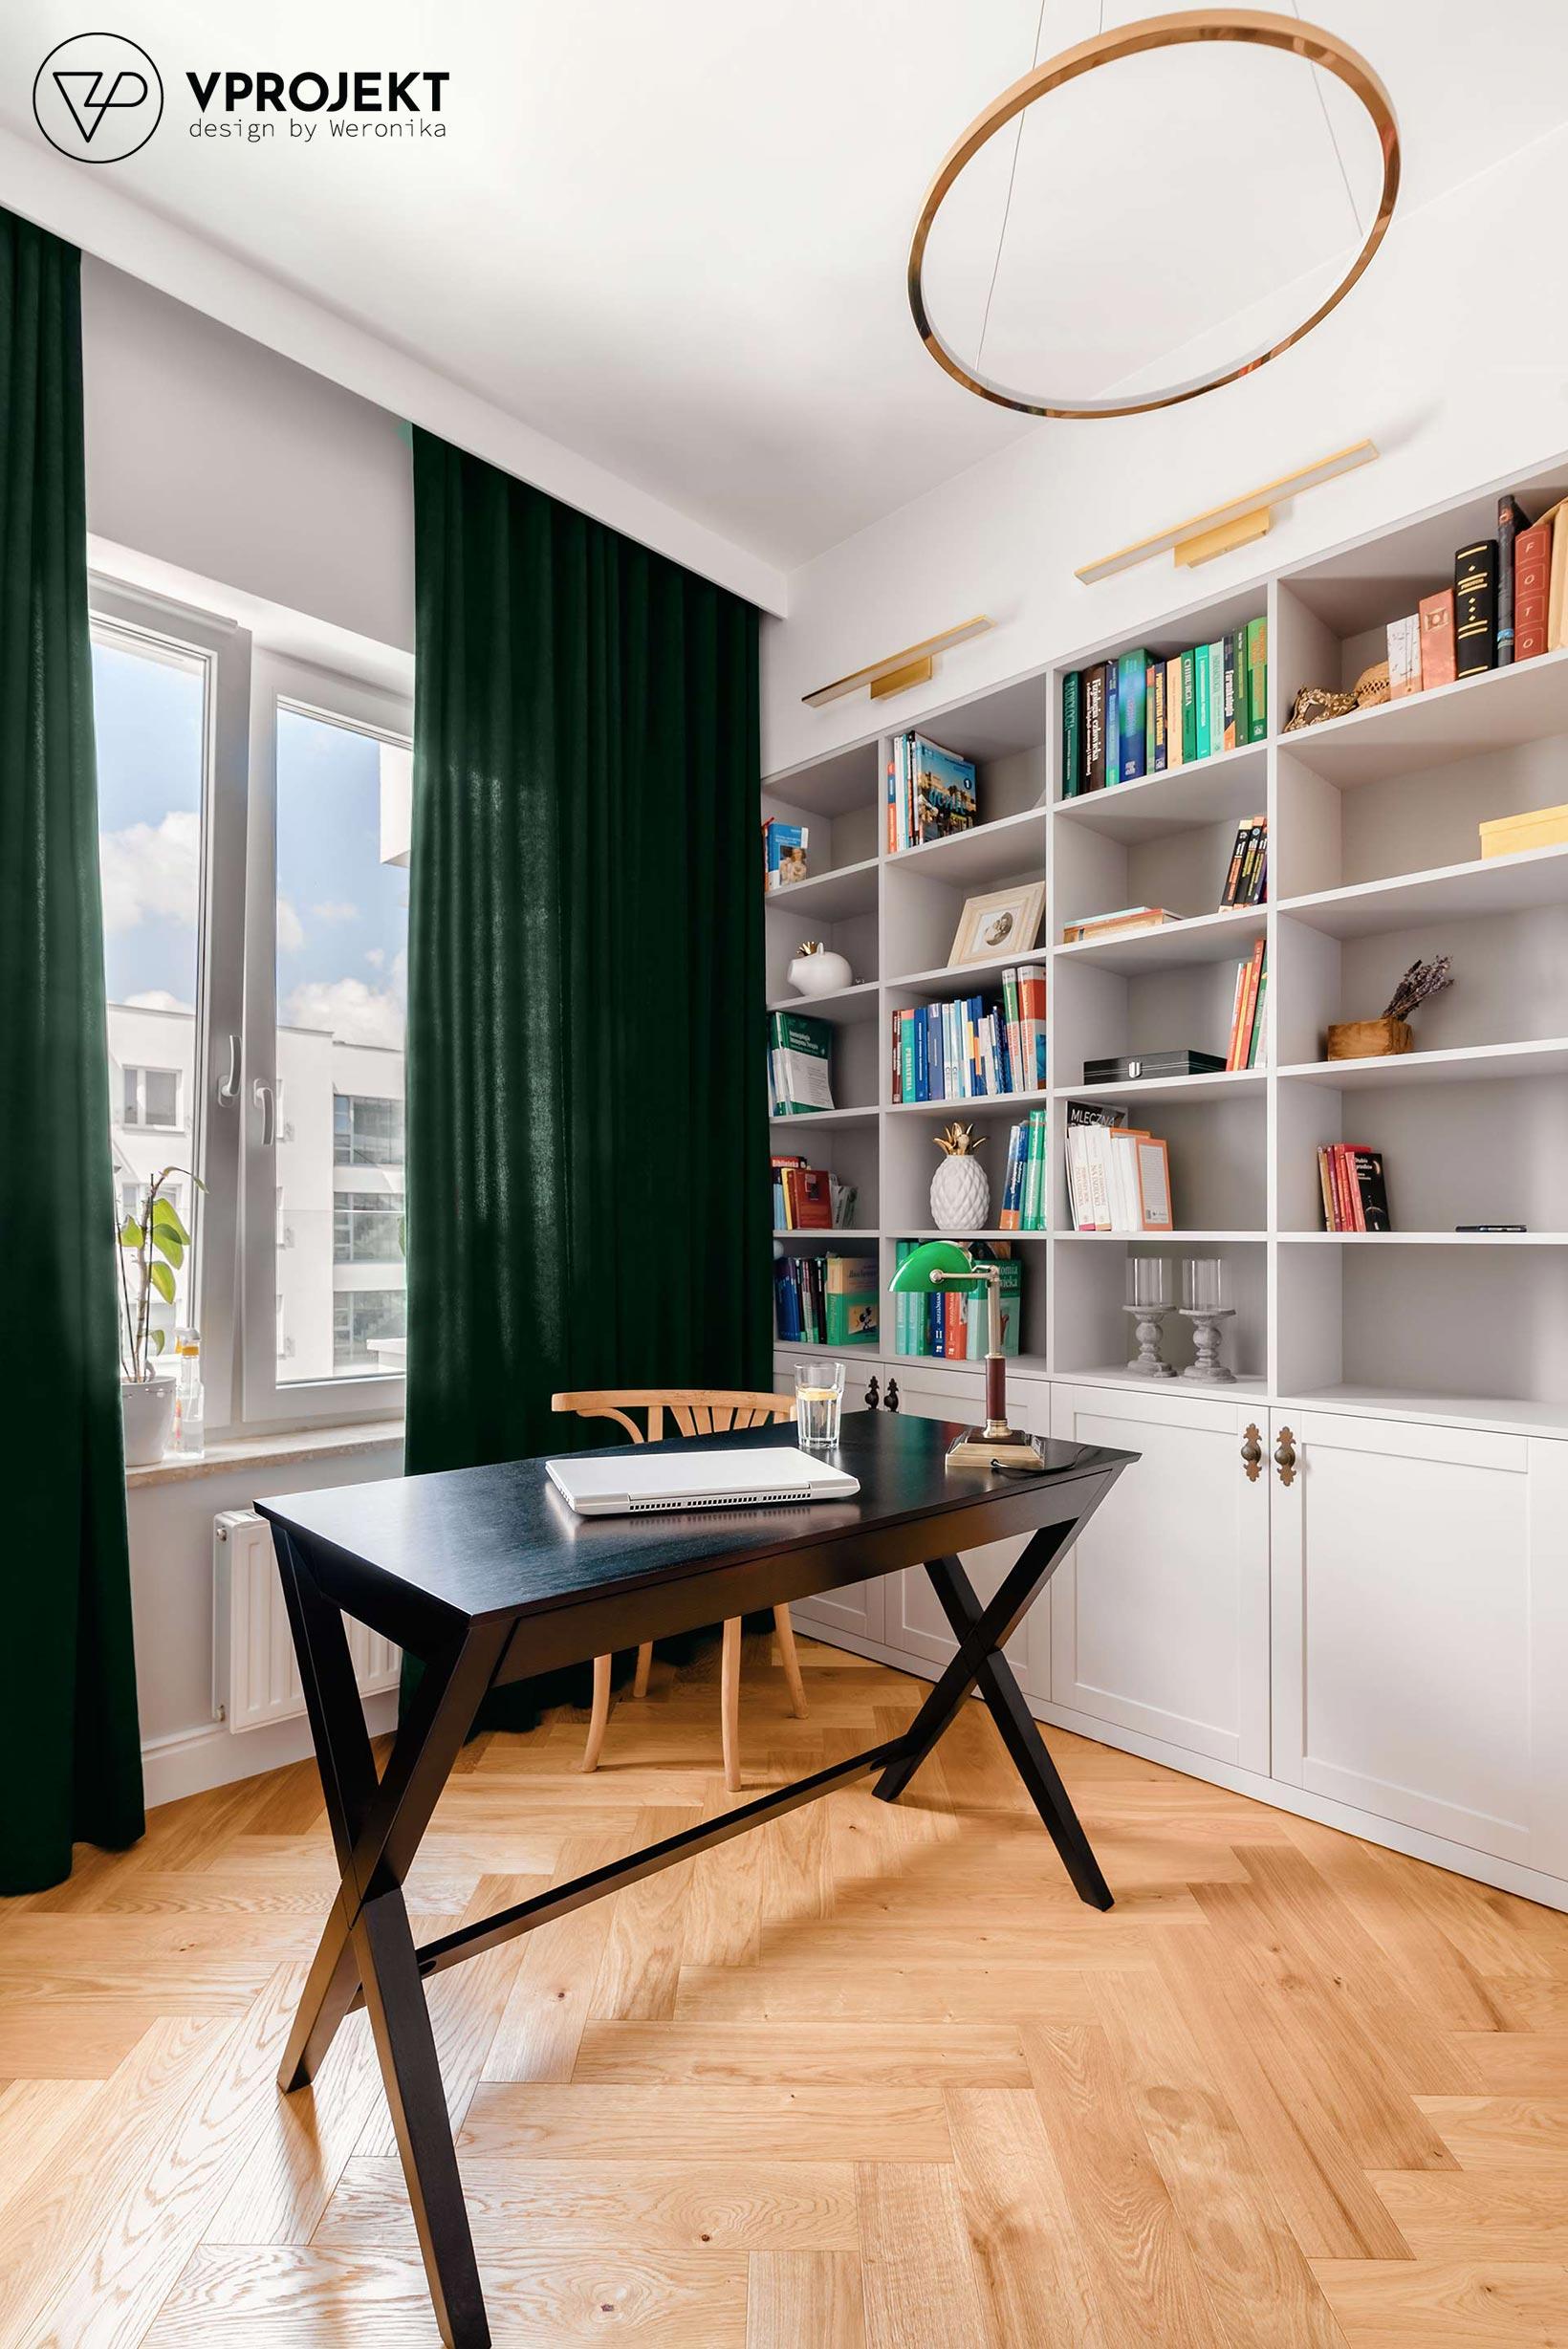 Projekt miejsca do pracy, mieszkanie w Olsztynie, Vprojekt